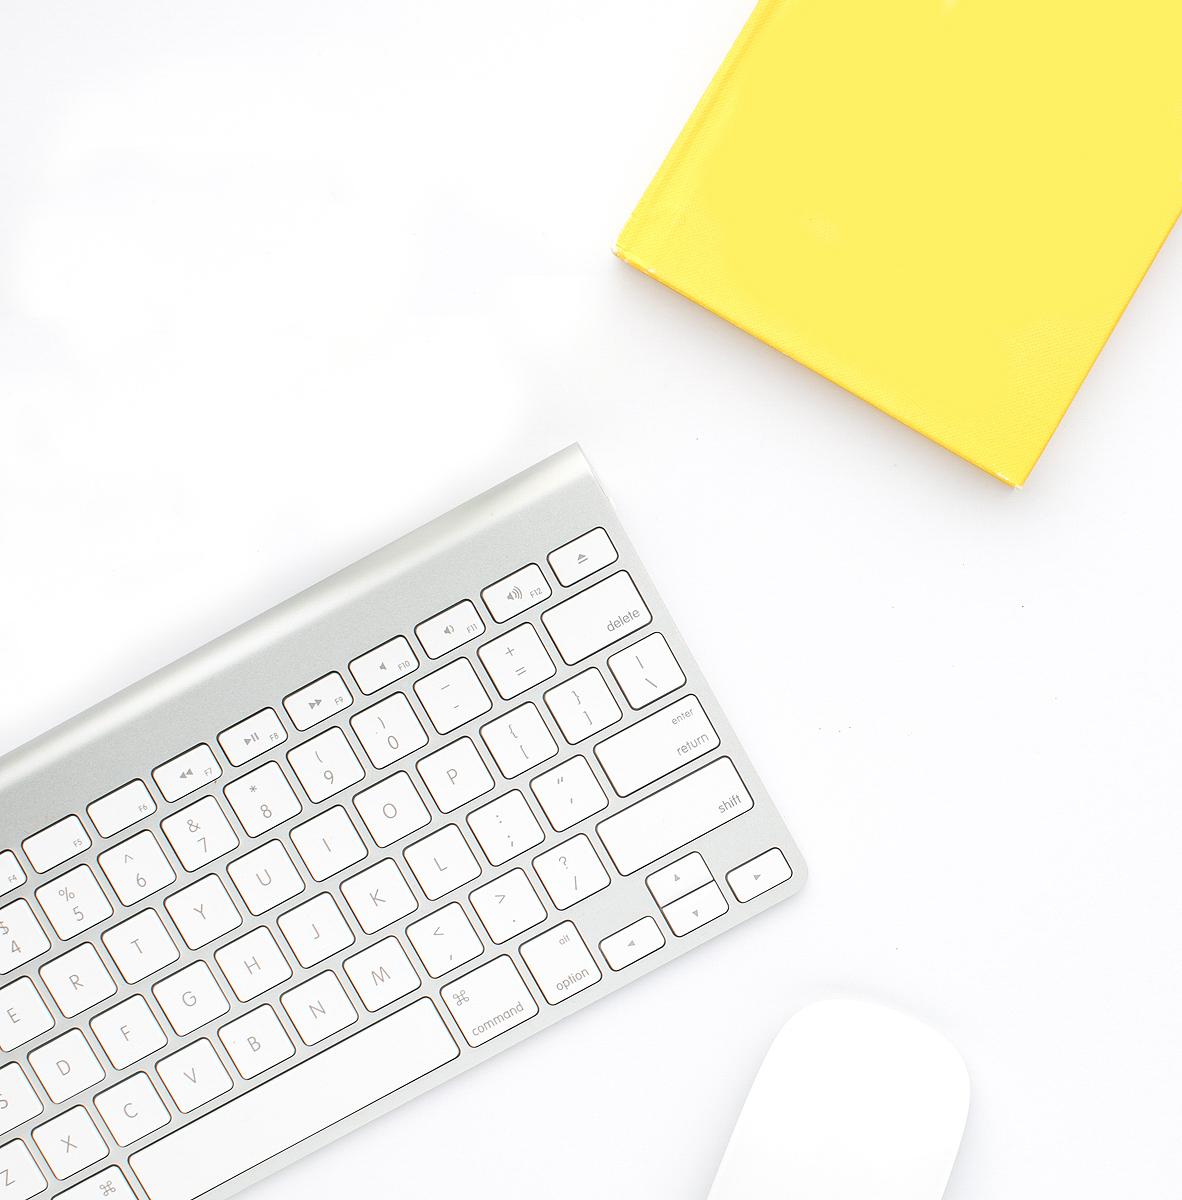 Keyboard Yellow Book